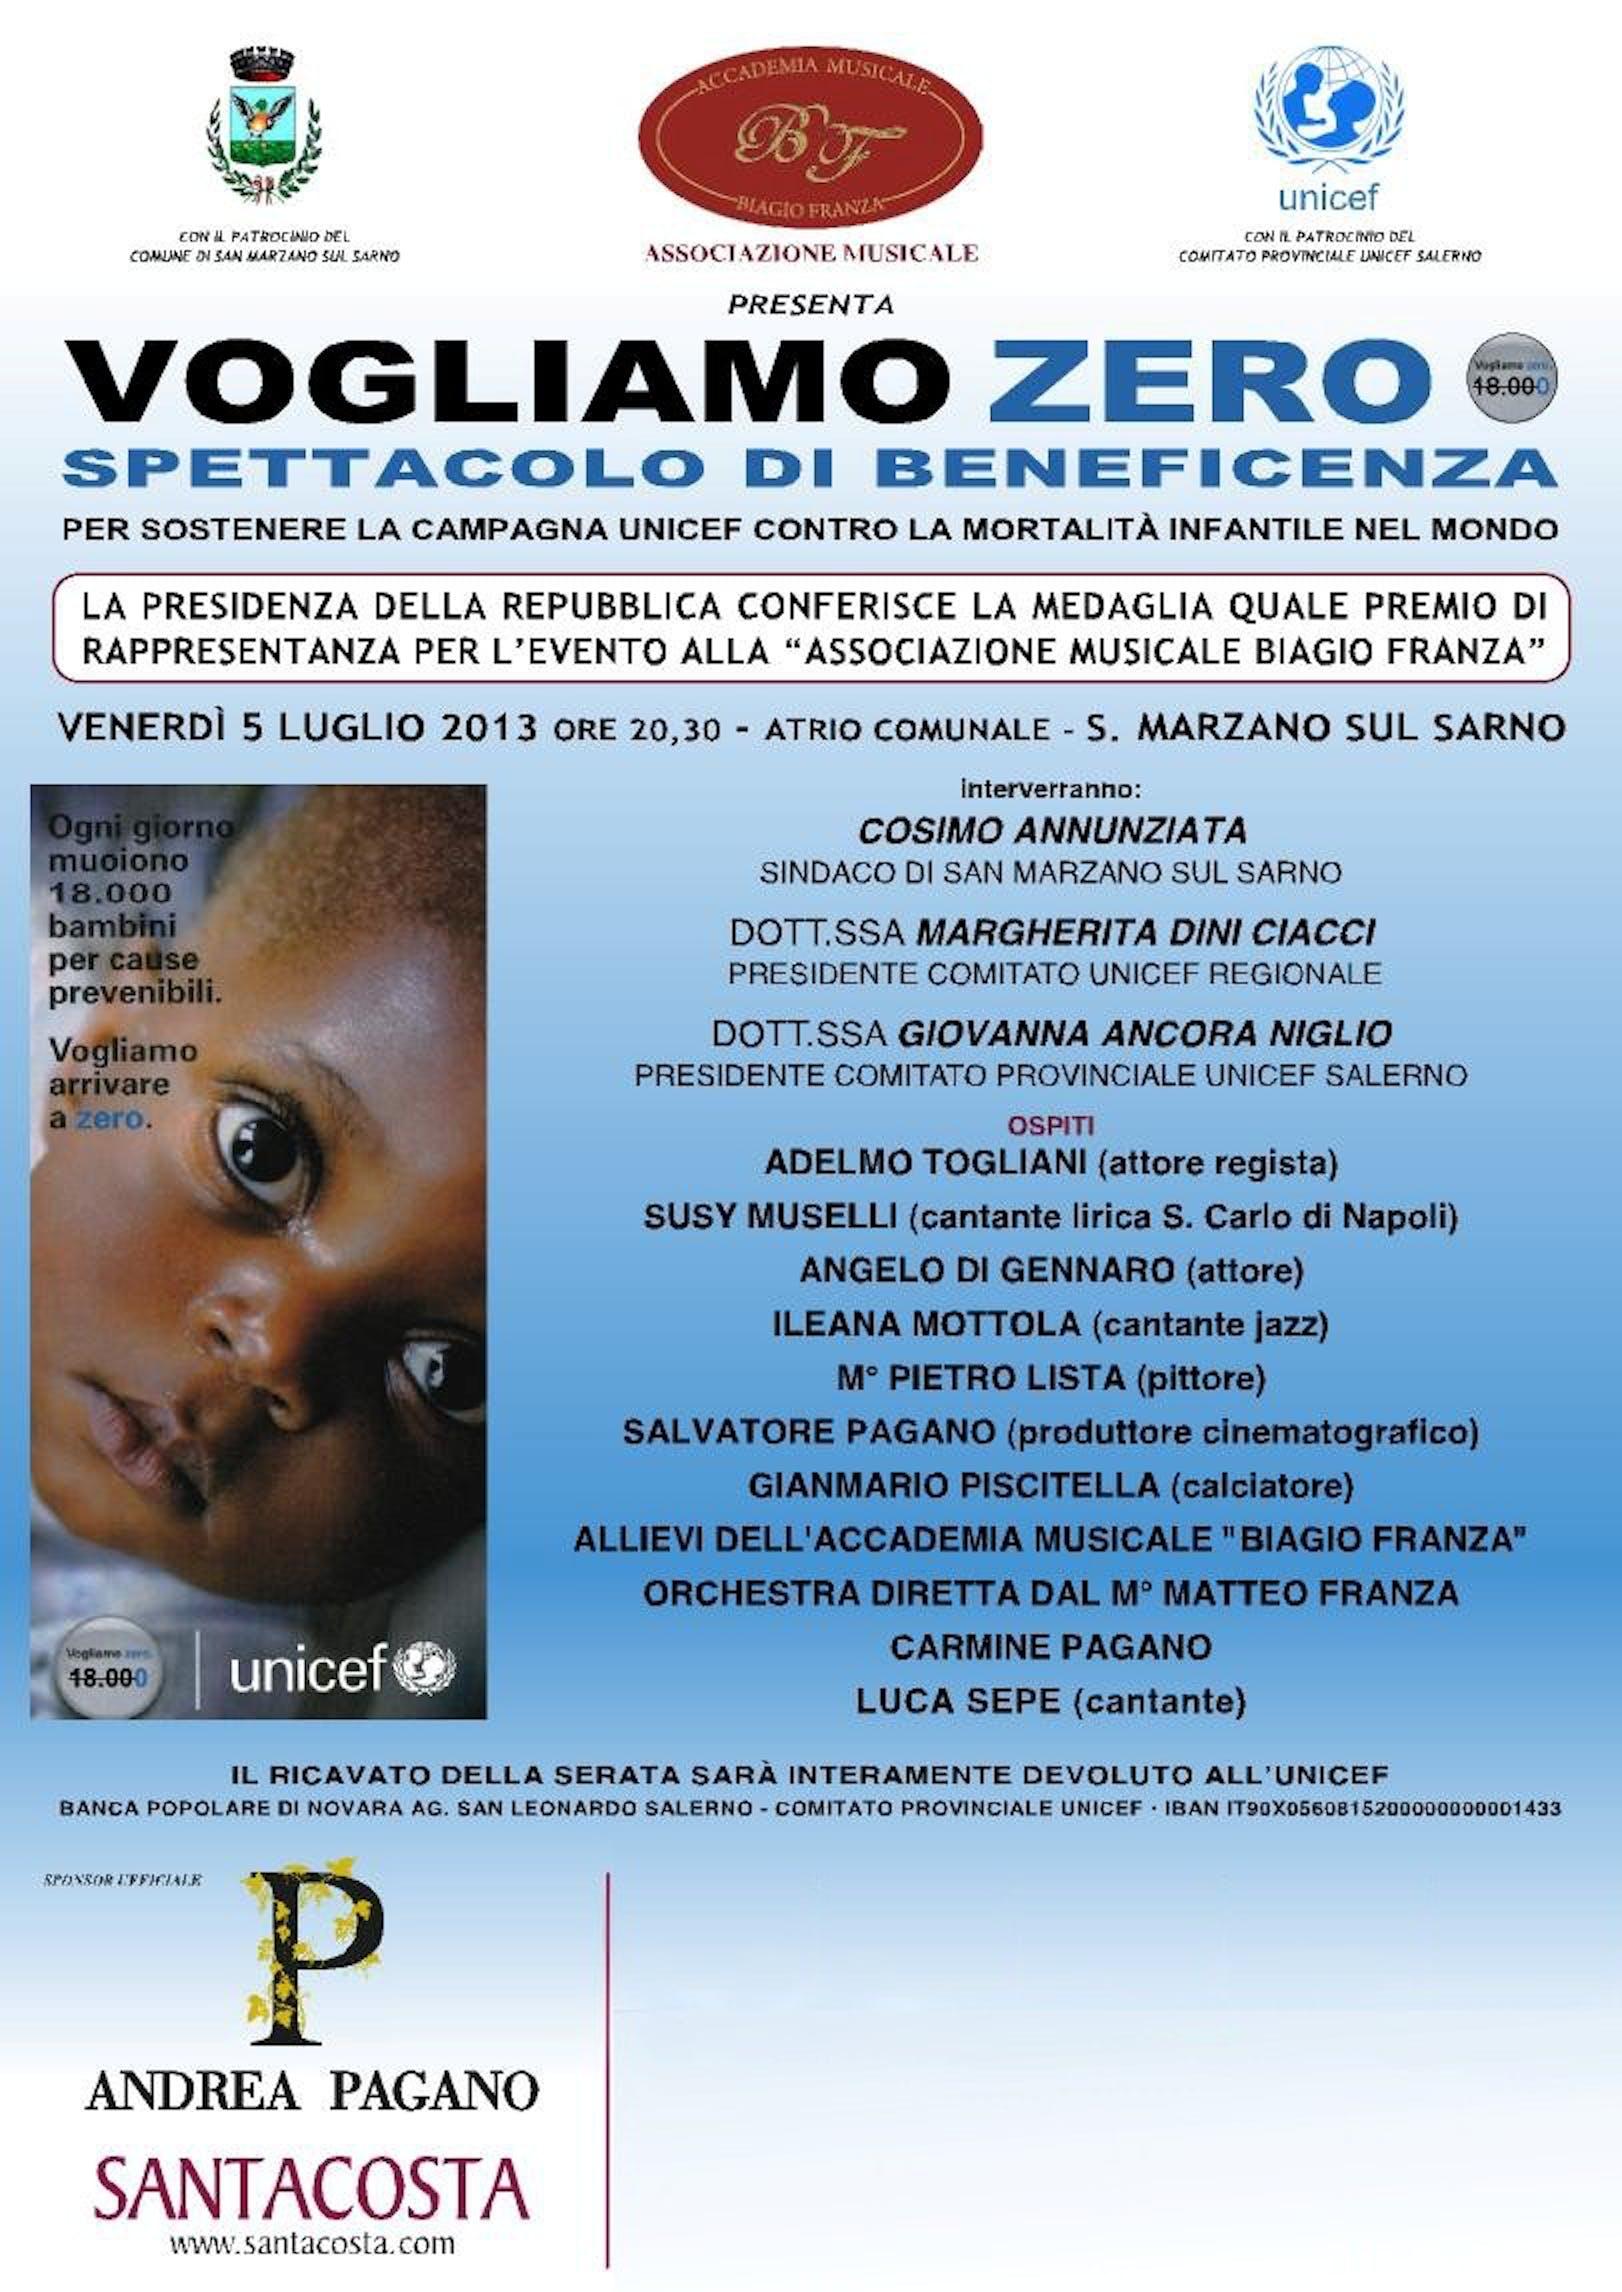 S. Marzano sul Sarno, serata di artisti per arrivare a Zero